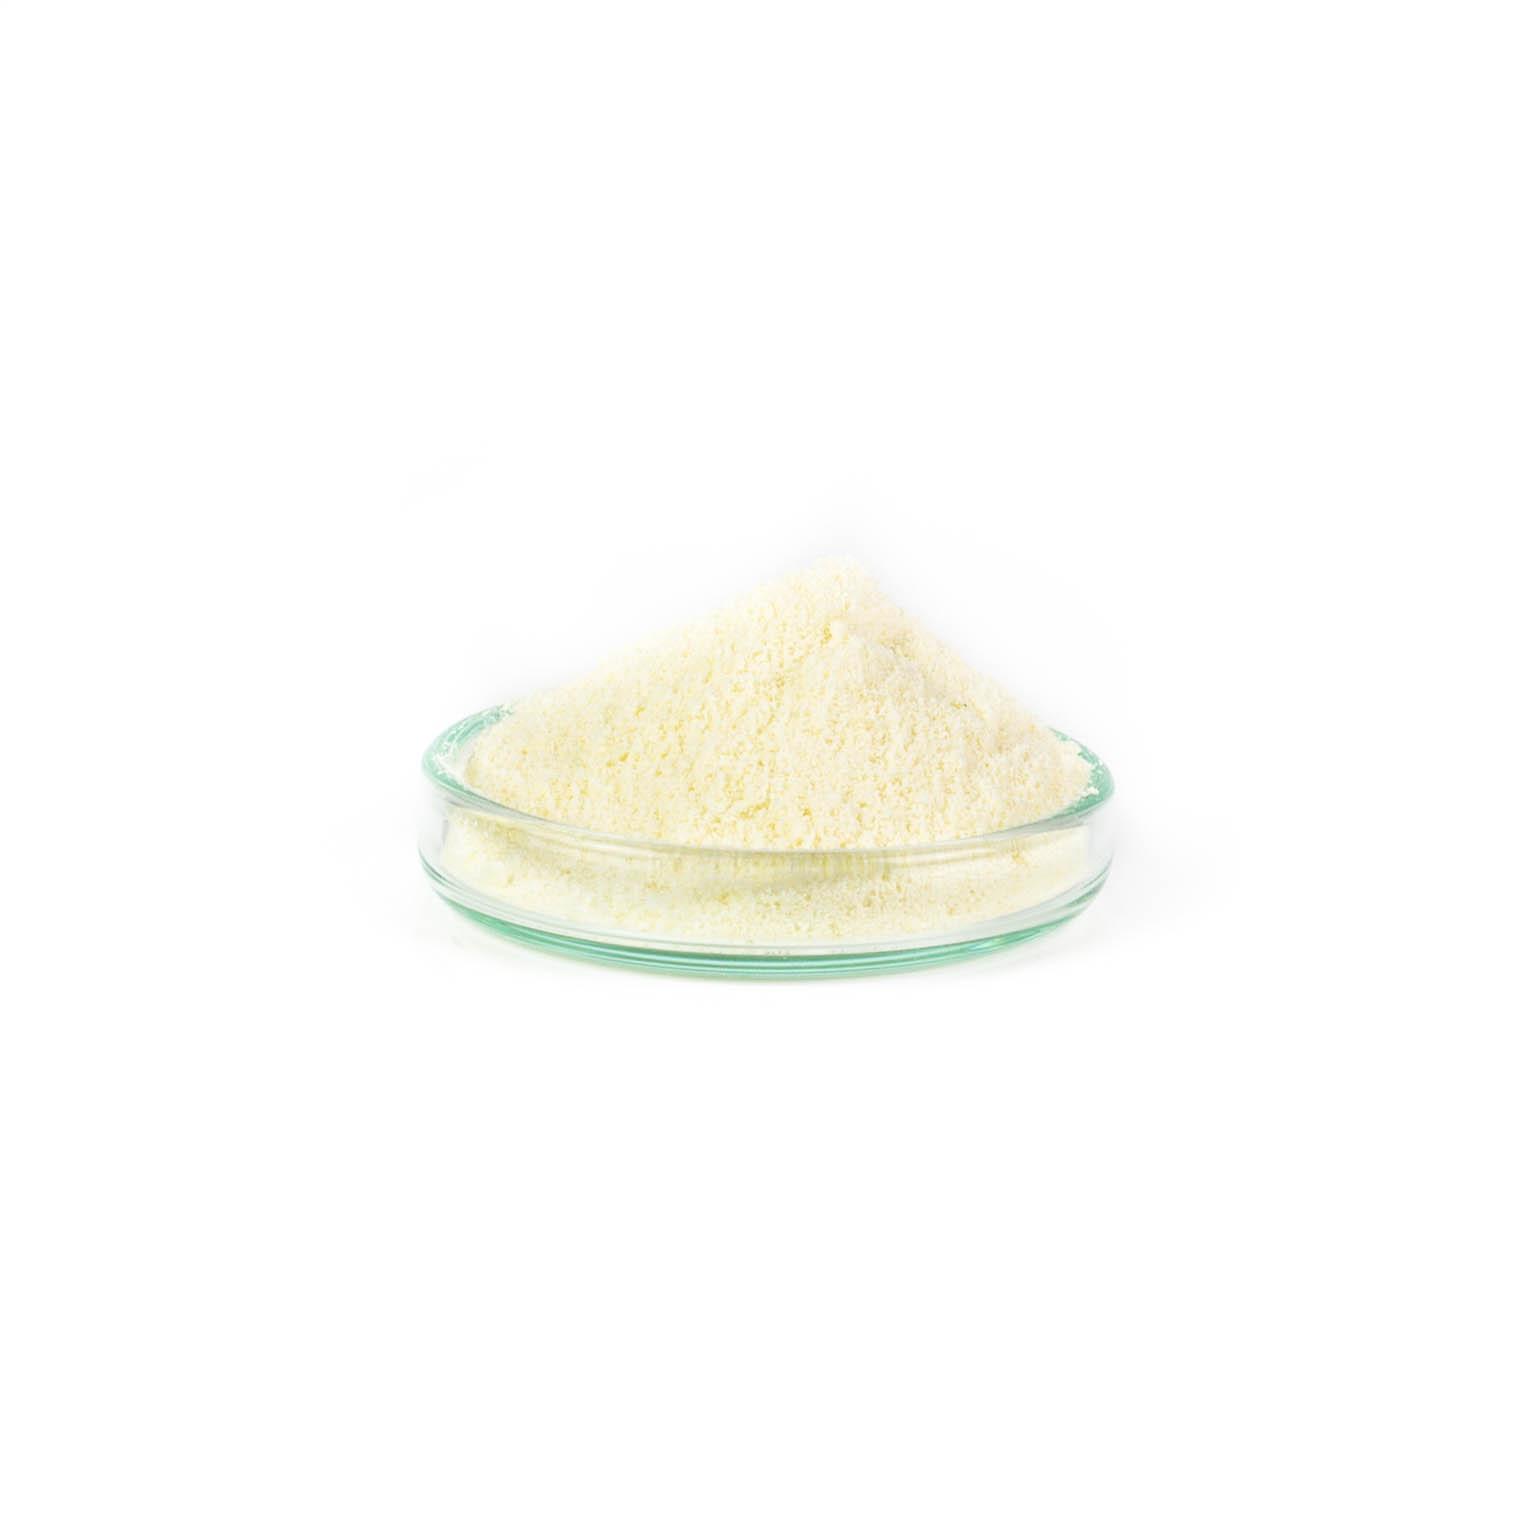 Mléčné proteiny 500g - Vitamealo original